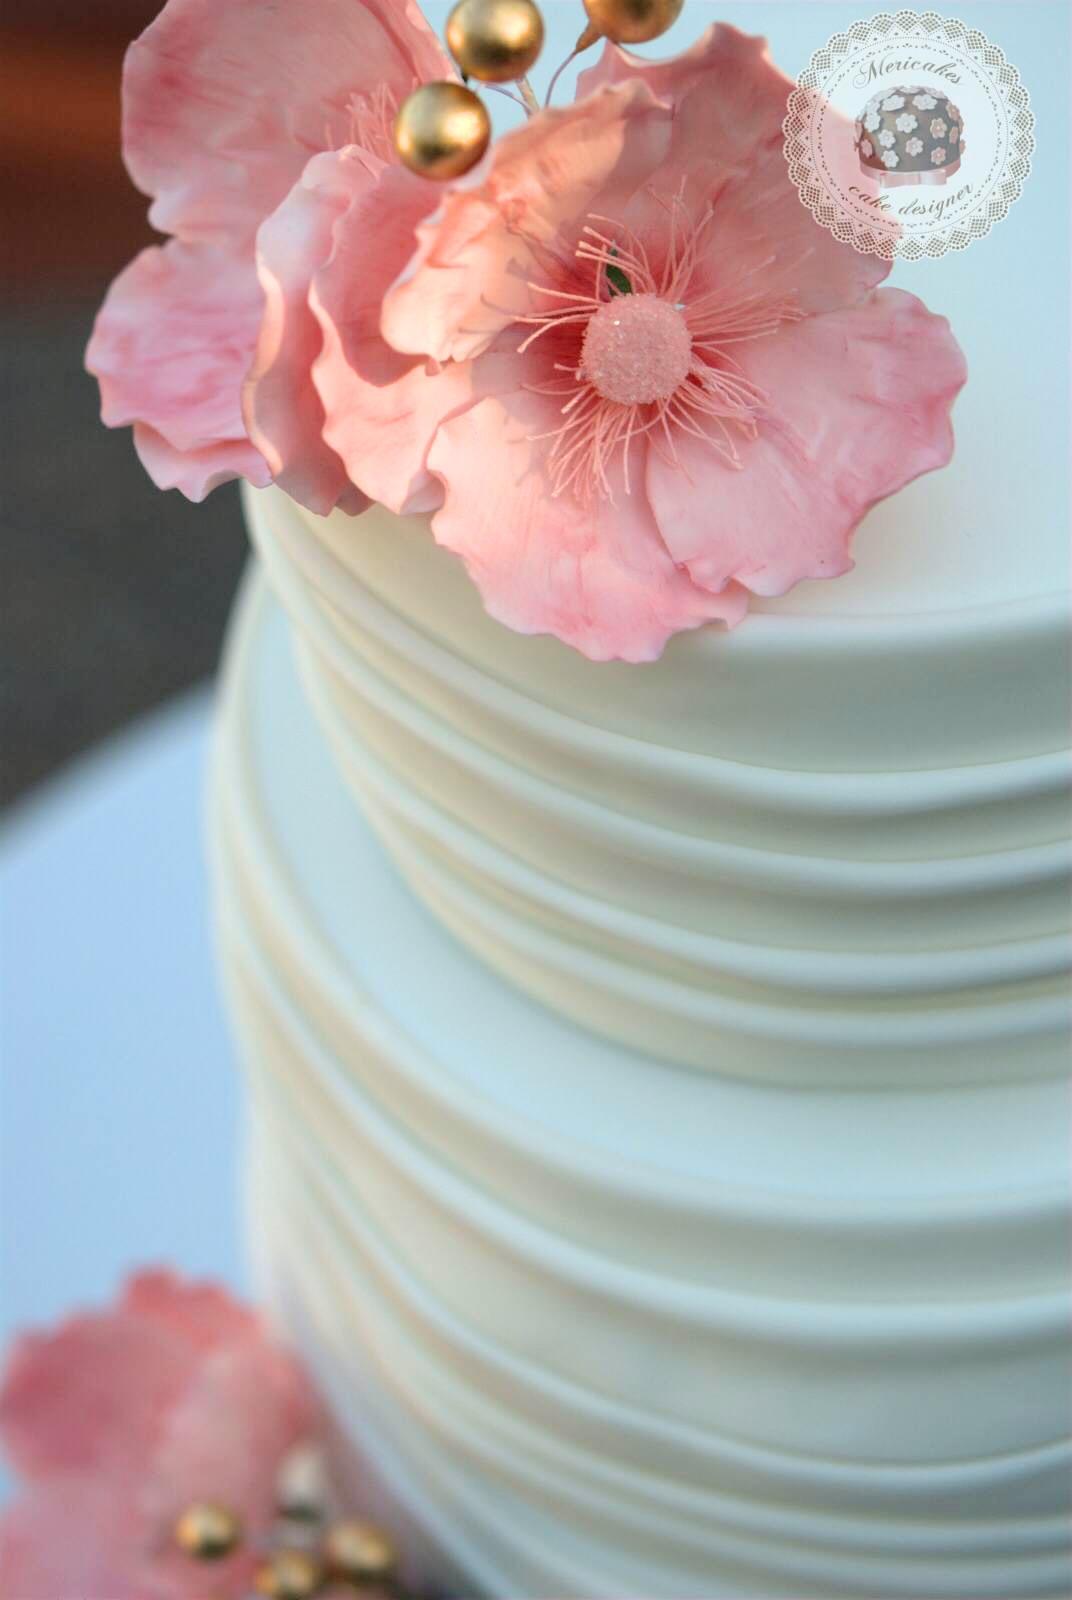 wedding-cake-anemona-sugarcraft-barcelona-mericakes-mas-de-sant-llei-bodas-barcelona-tarta-de-boda-flores-de-azucar-13_fotor